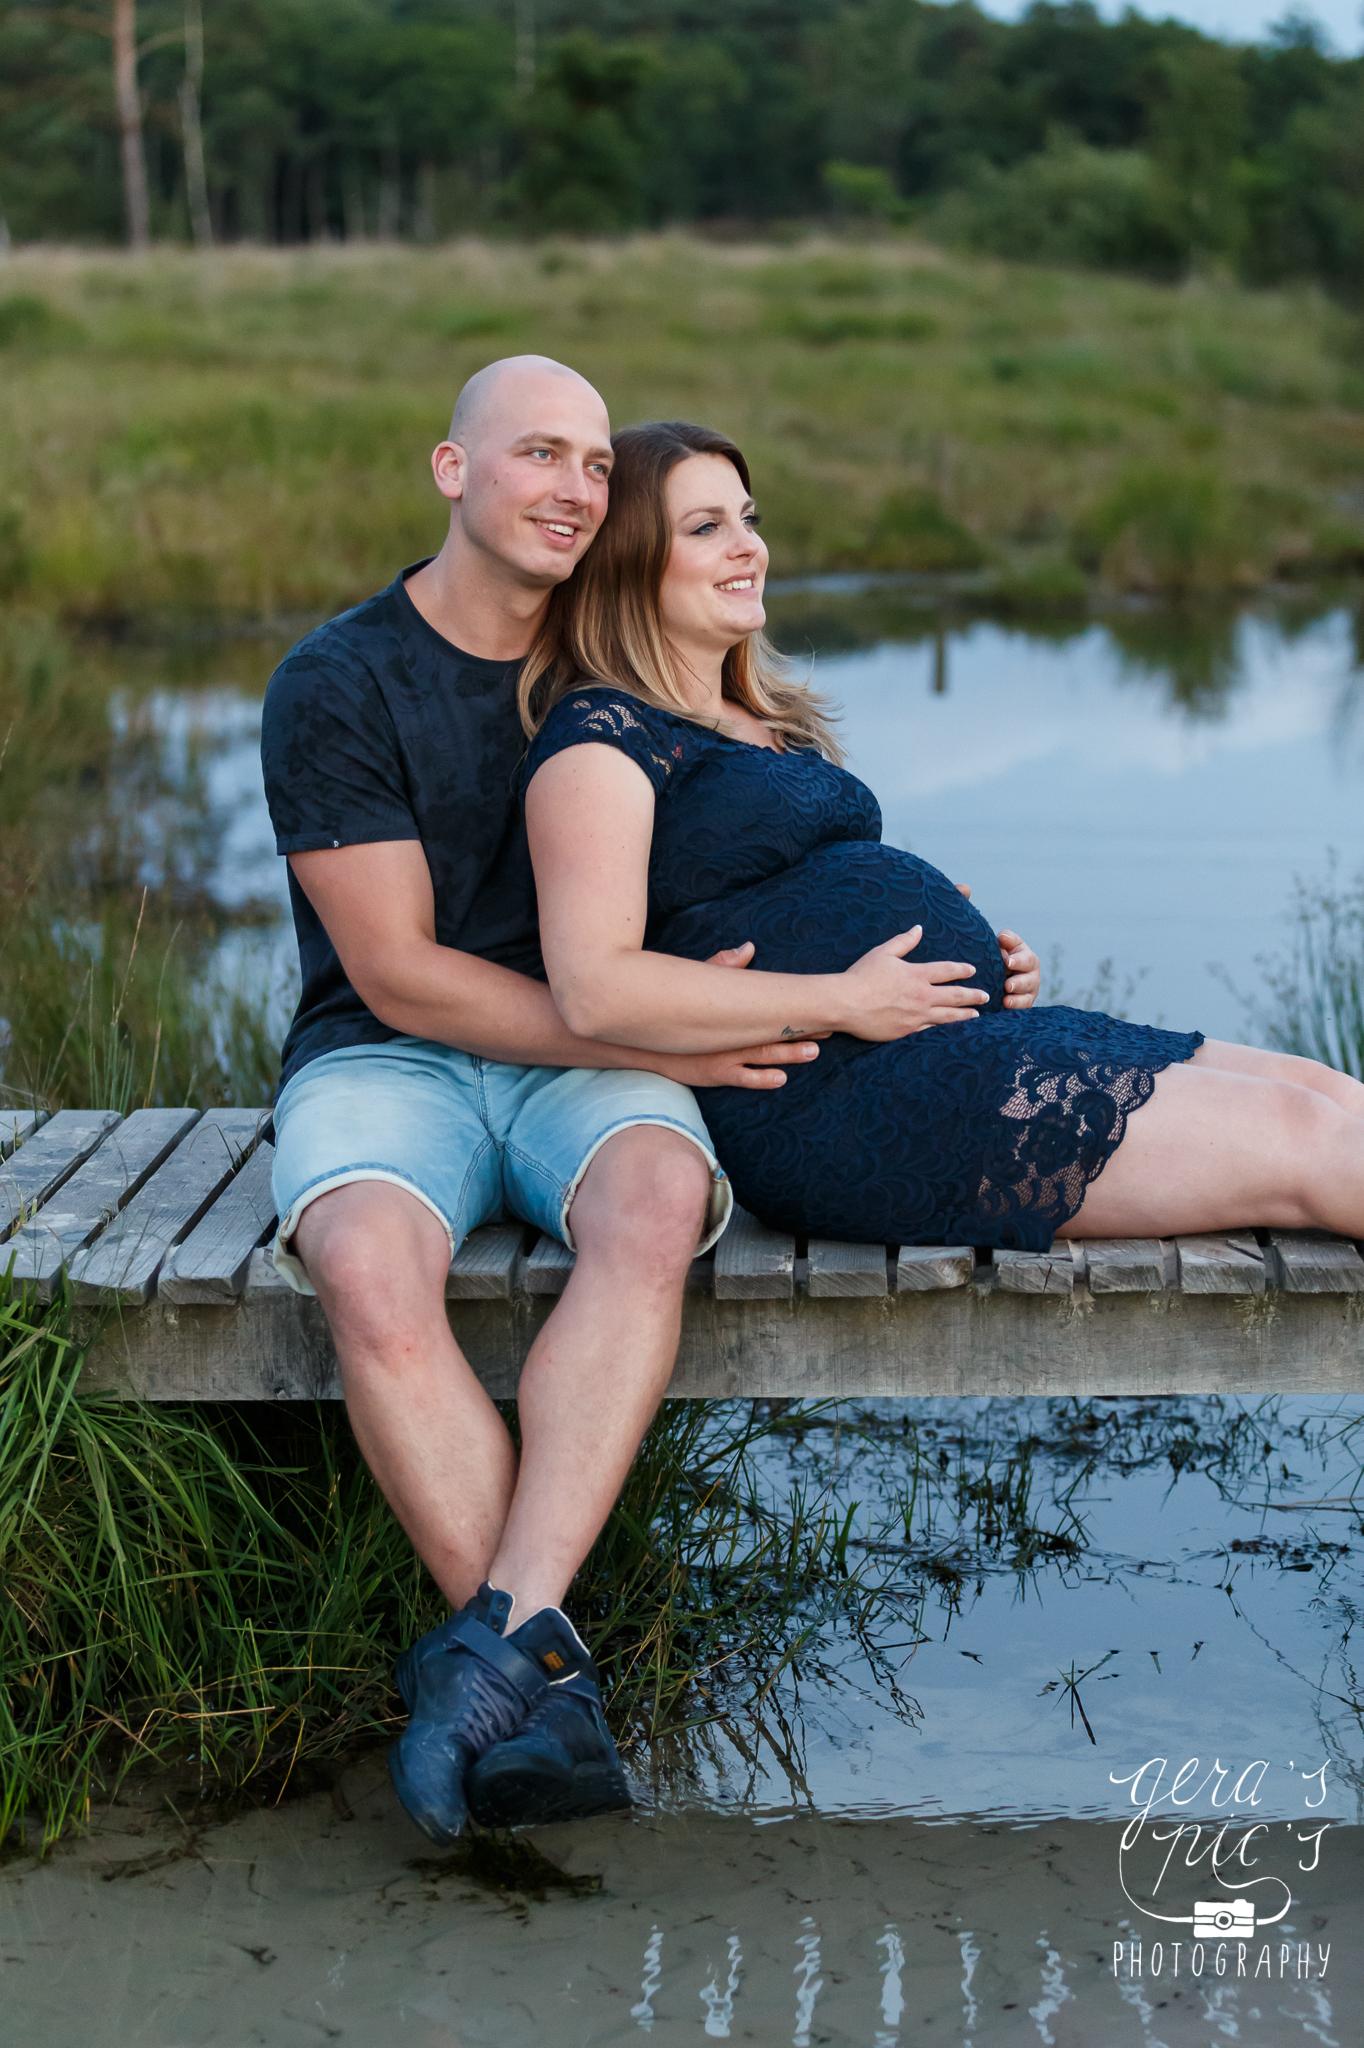 zwangerschapsshoot Gera's Pic's Photography Brunssum-10